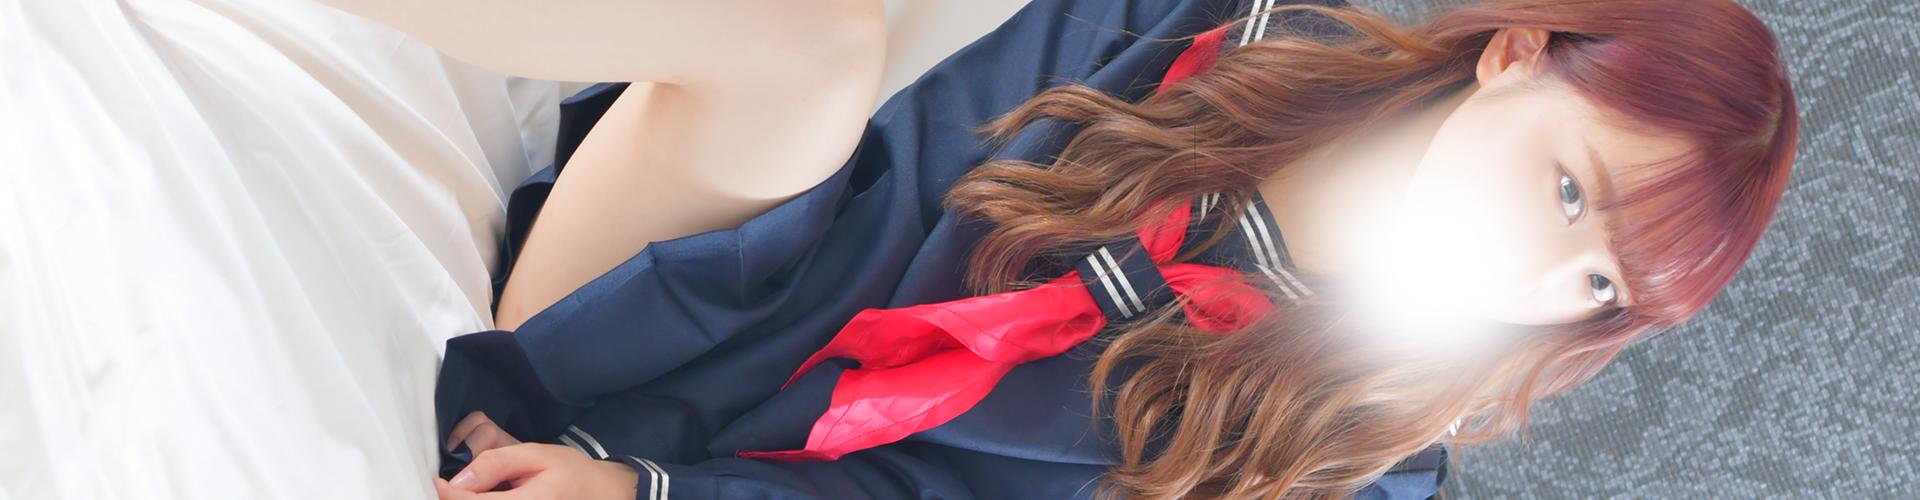 錦糸町デリヘル風俗|錦糸町 小岩 デリバリーヘルス【キャンパスサミット錦糸町店】モデルルキア写真